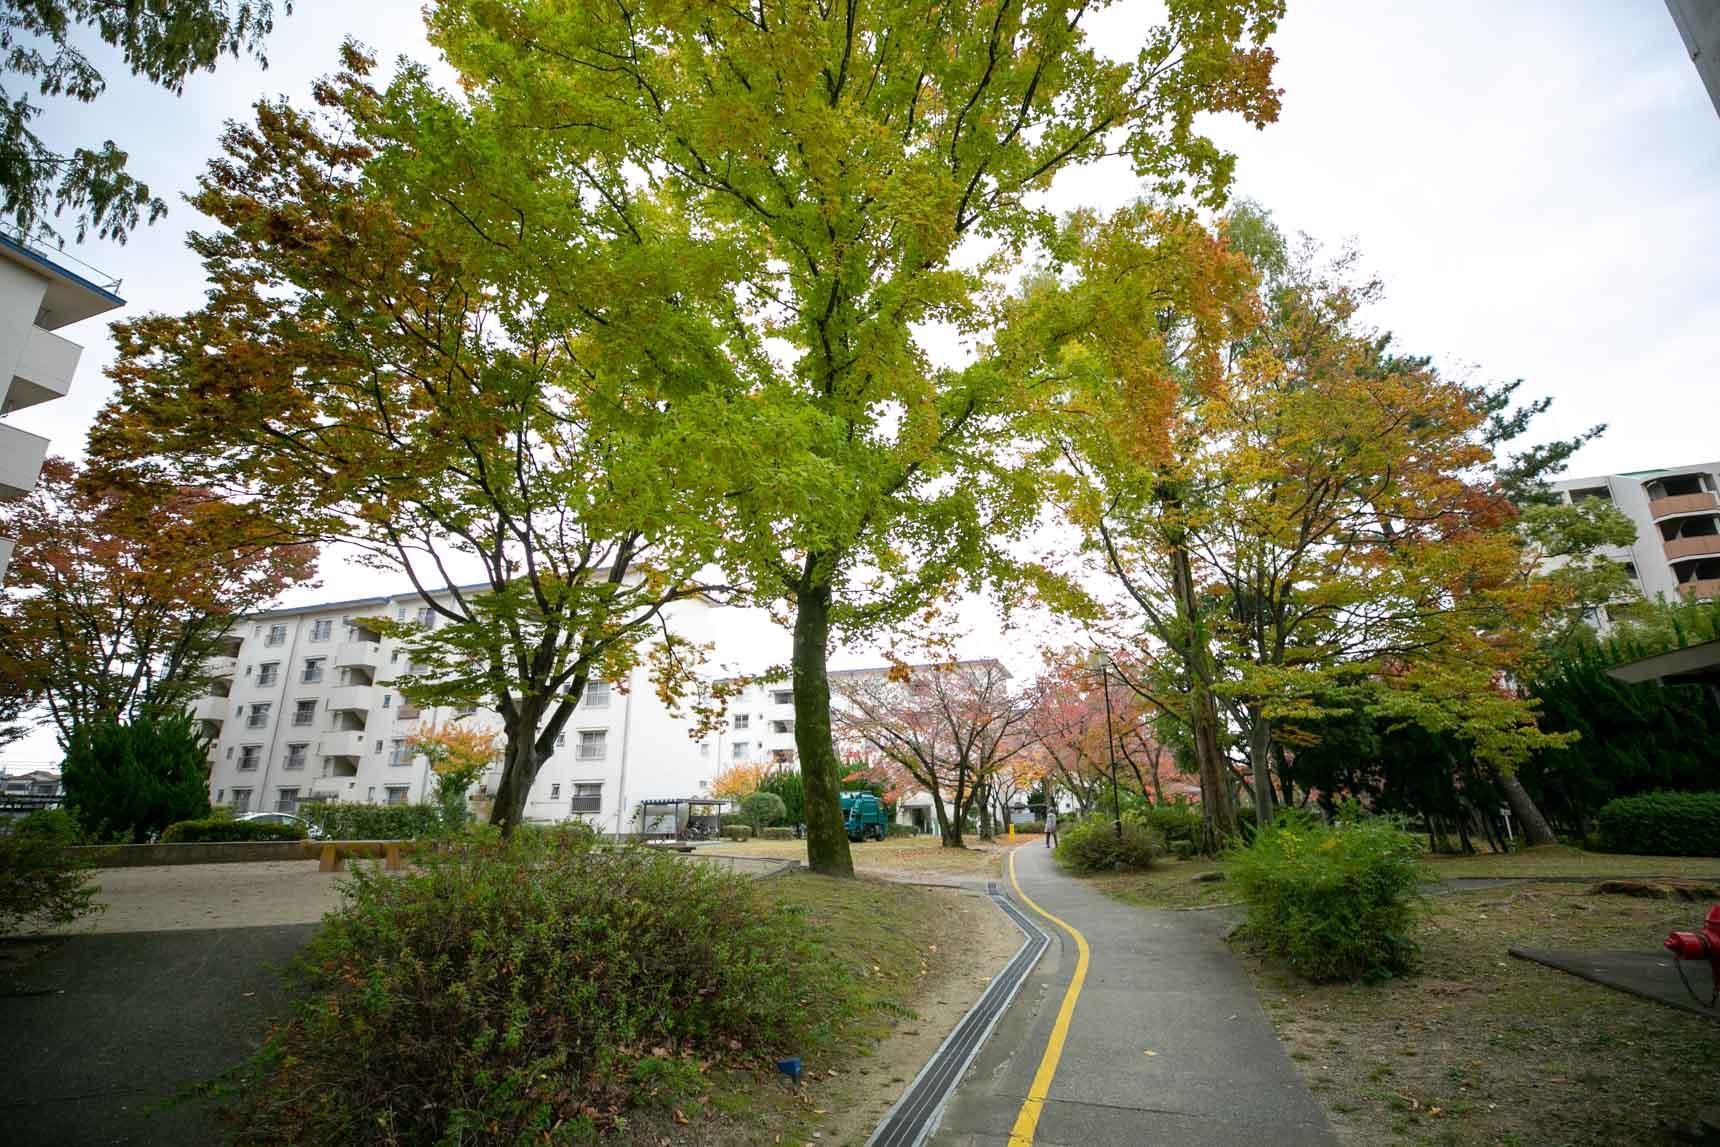 例えば、1周約2kmのウォーキングコースが敷地内に整備されている「富田」。緑の中を歩きながら息抜きができるって、いいですよね(この団地の紹介はこちらhttps://www.goodrooms.jp/journal/?p=38604)